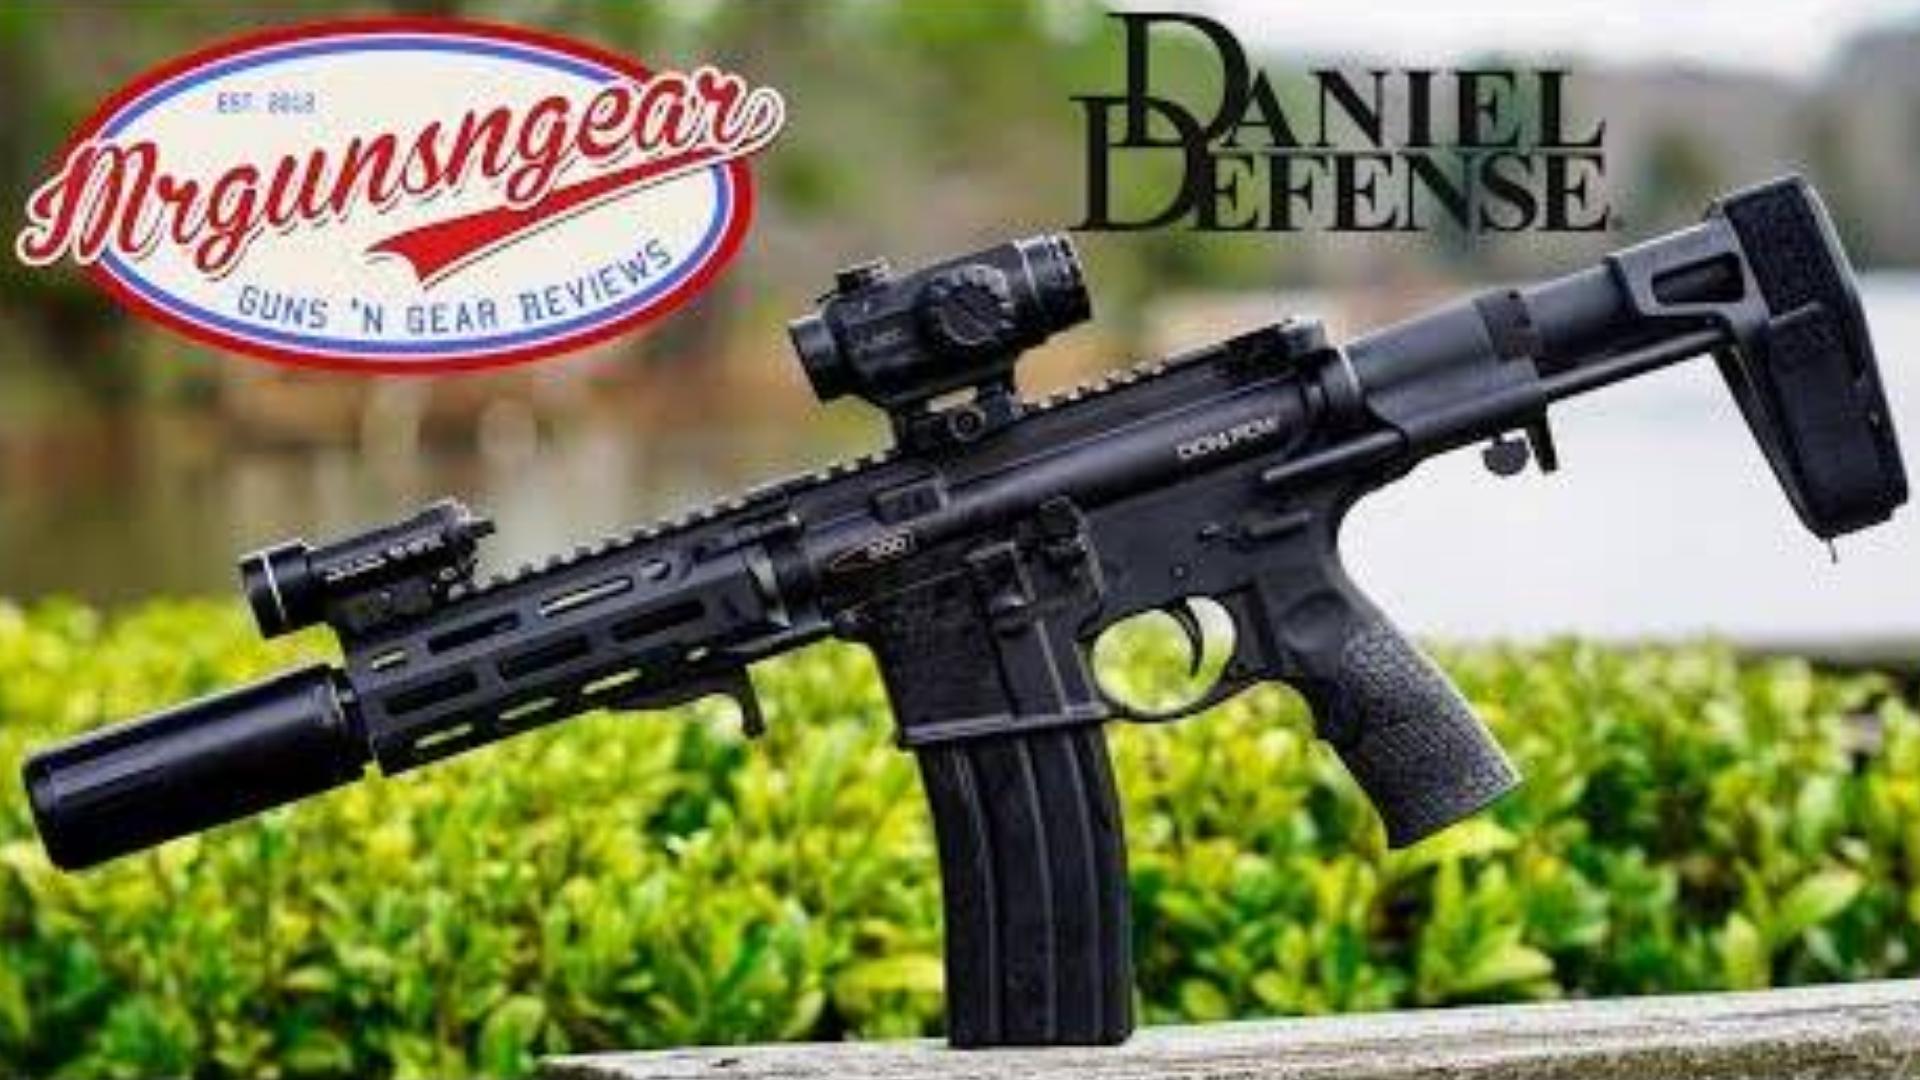 [Mrgunsngear]丹尼尔防务新.300步枪框架手枪